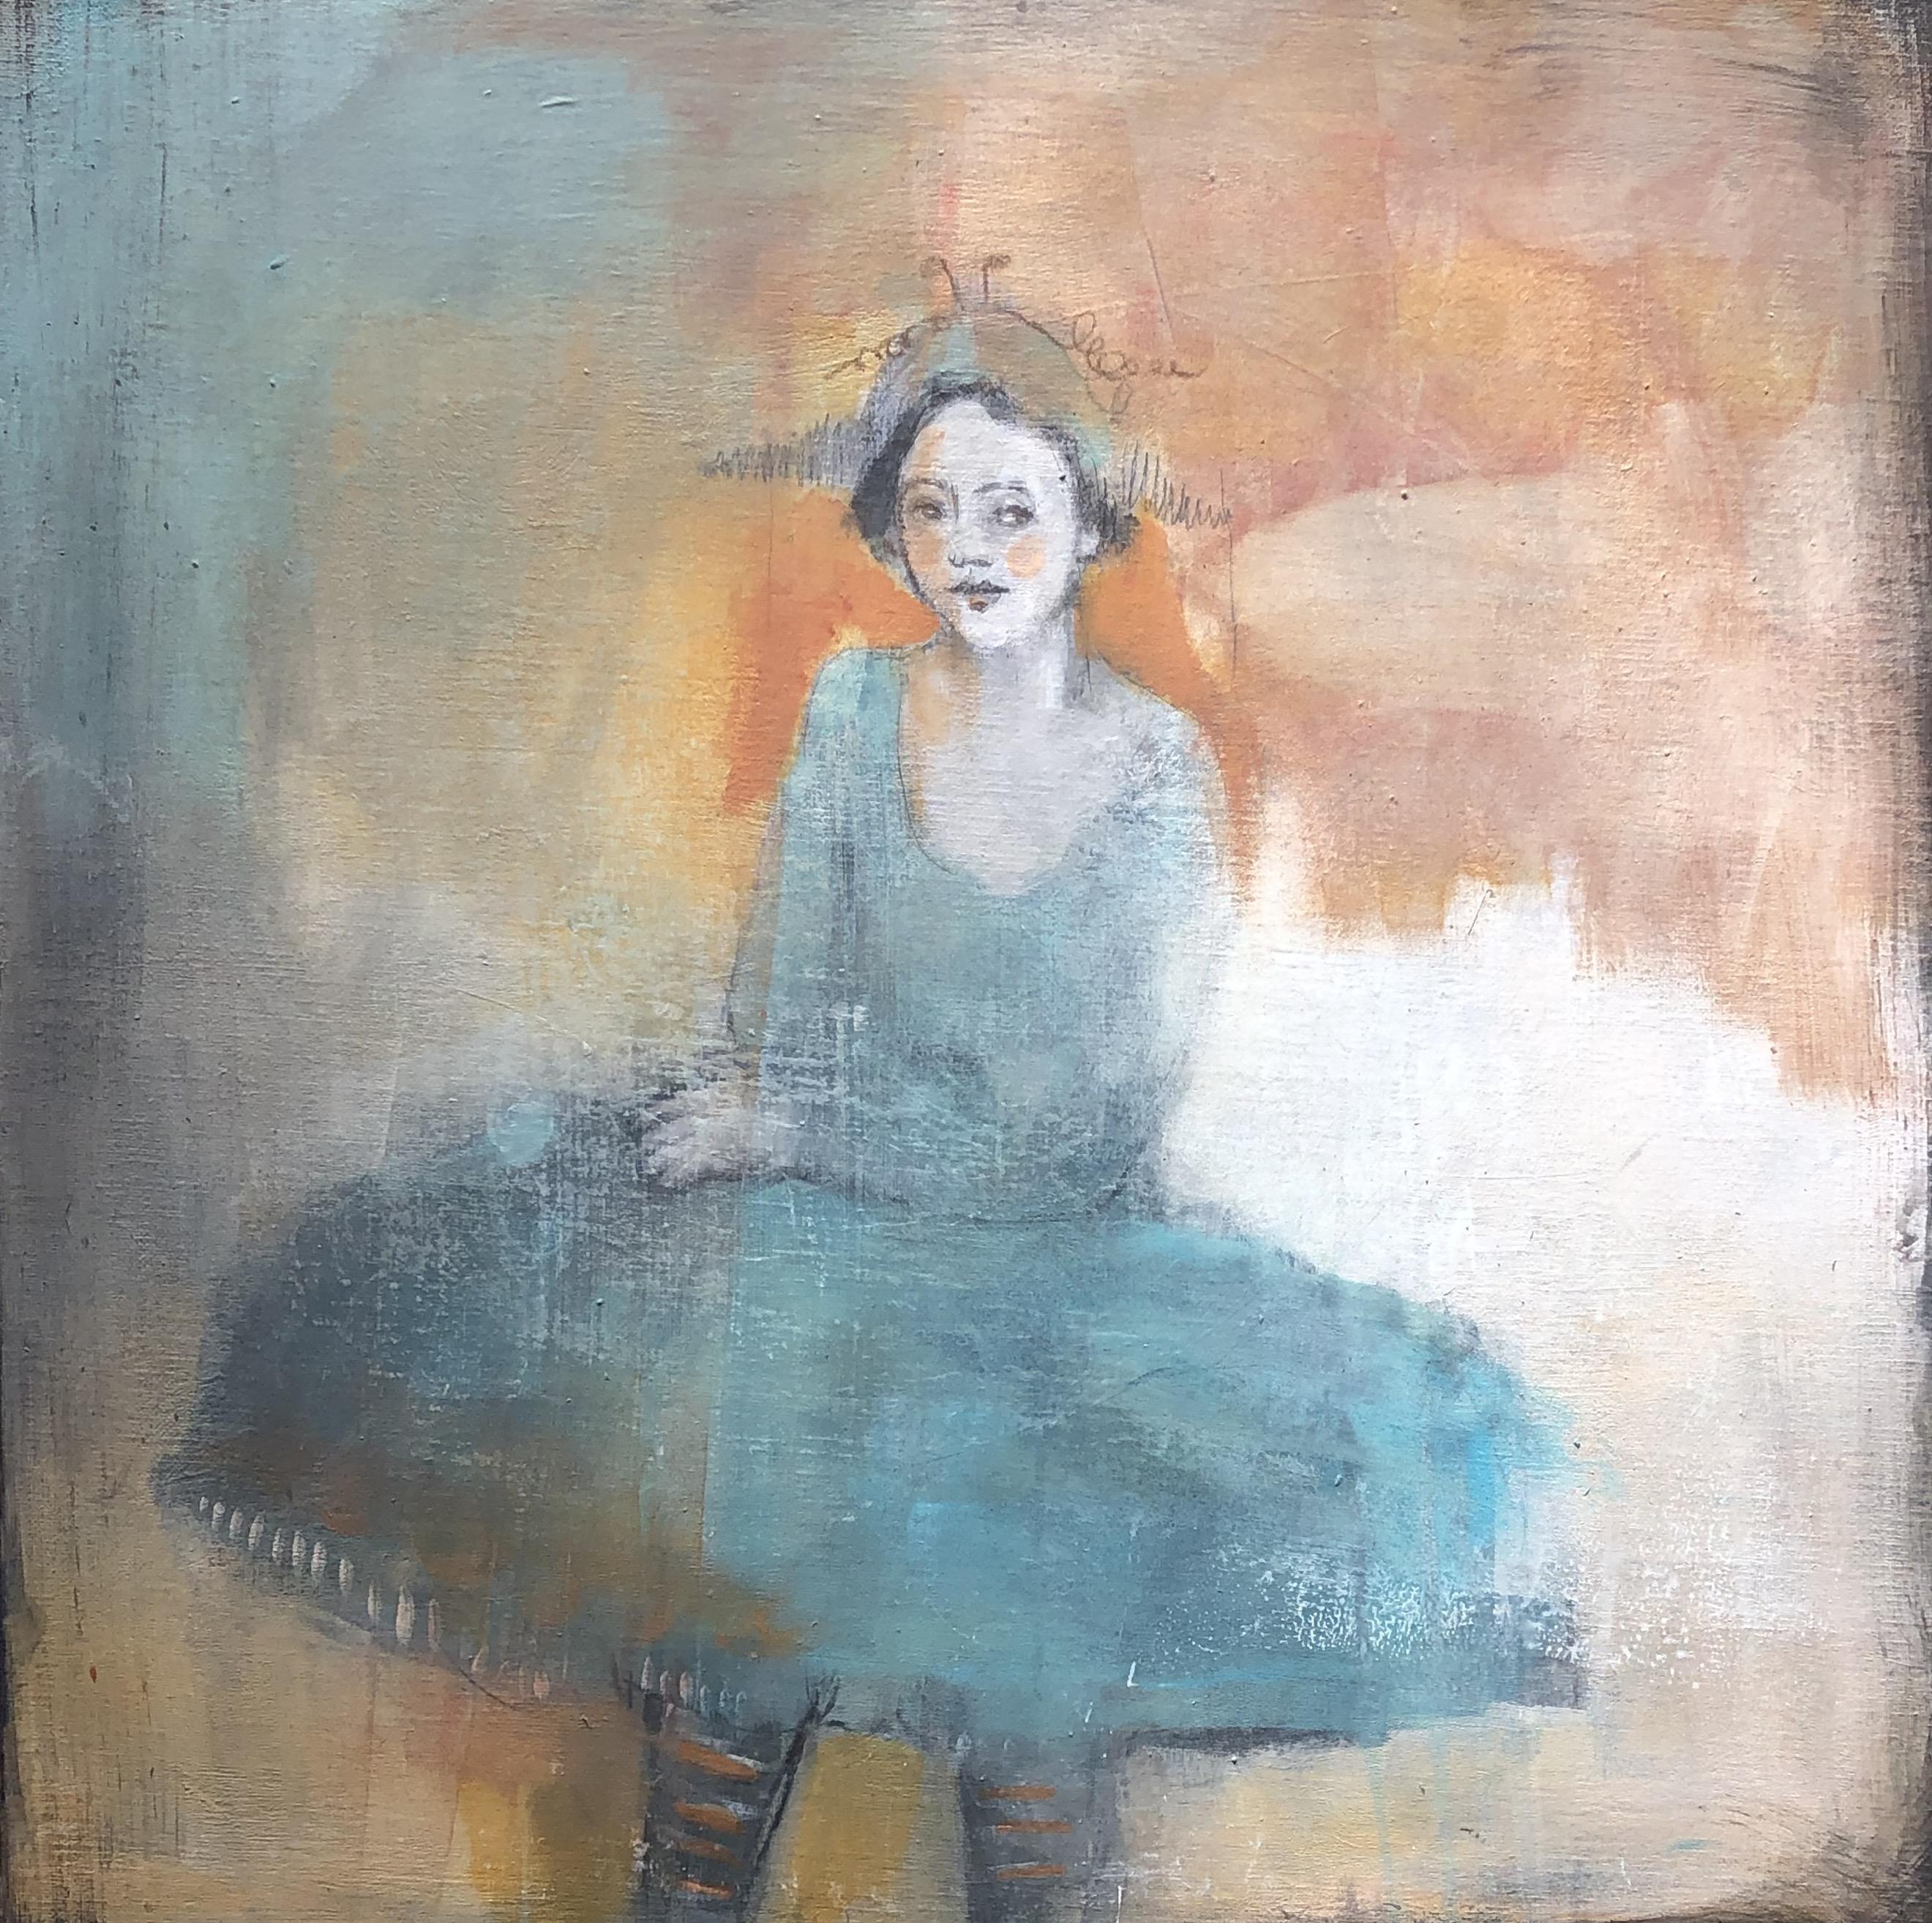 Oeuvre de Valérie Anceaume Gutierrez